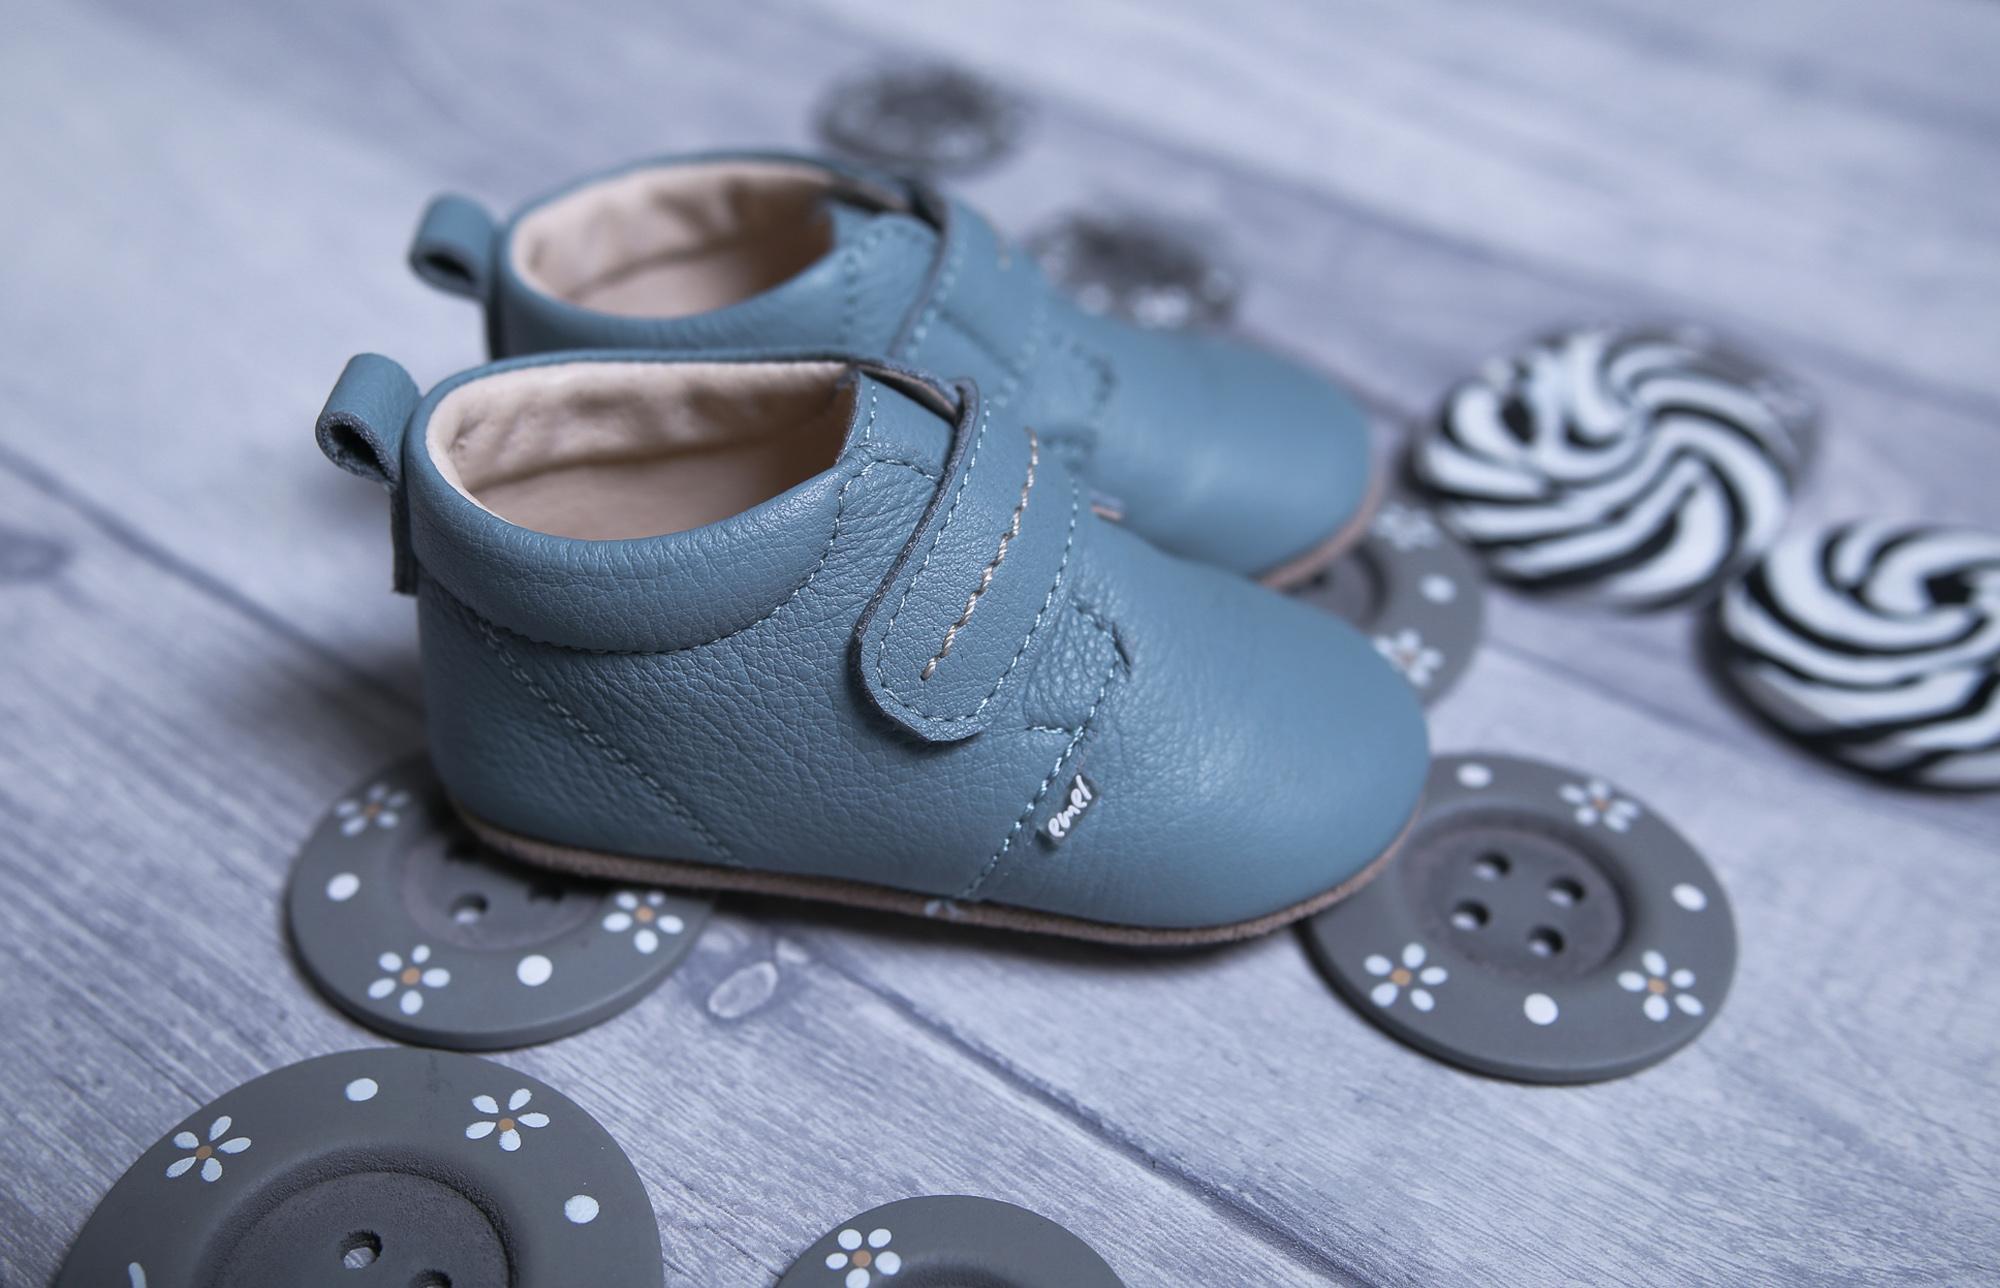 jak dobrać buty dla dziecka, jakie buty dla dziecka, ręcznie robione buciki dla dzieci